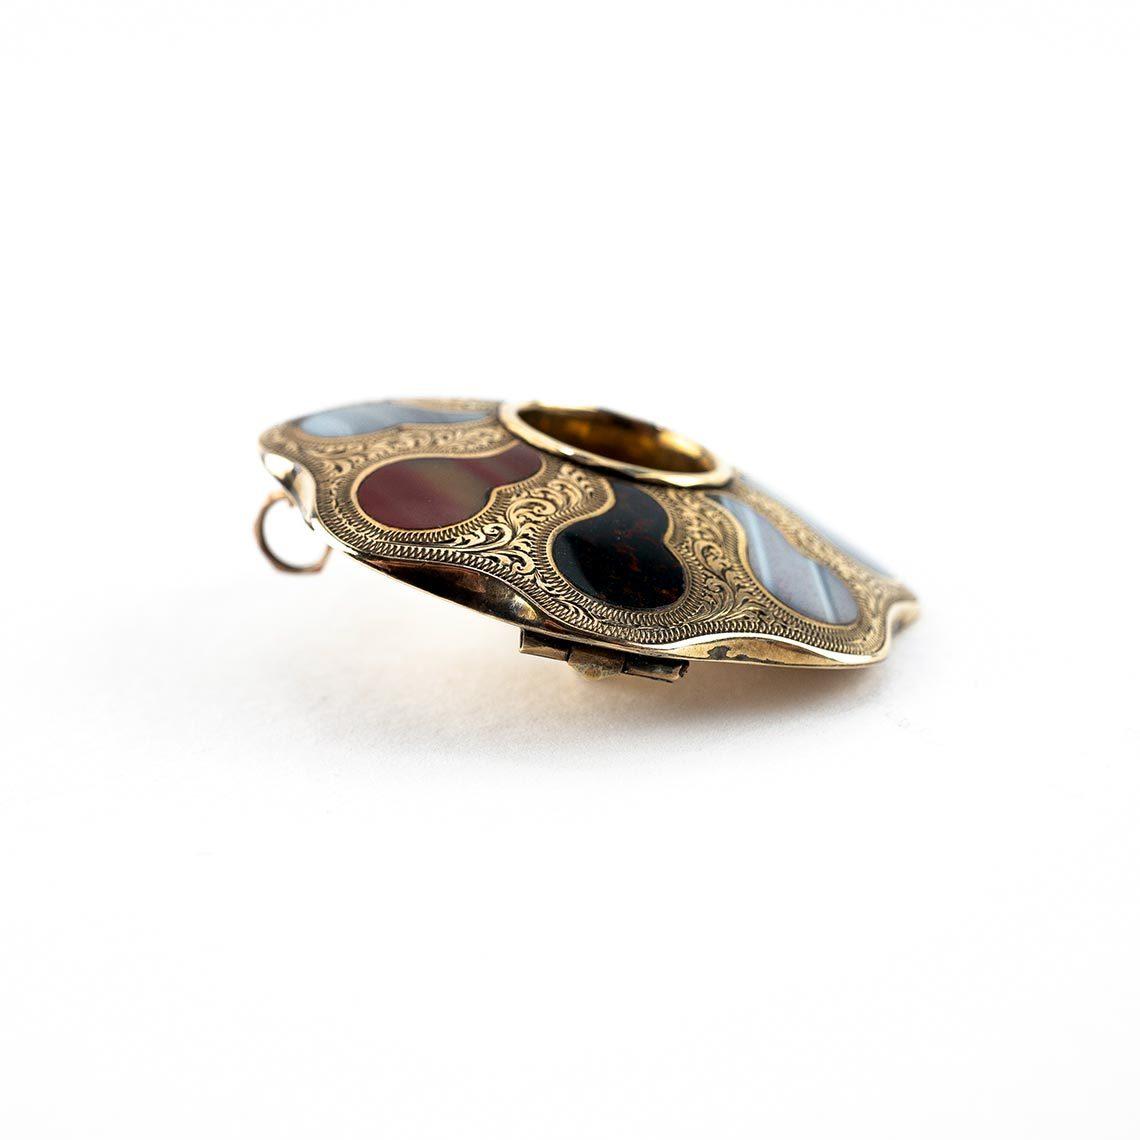 Victorian Brooch/Pendant